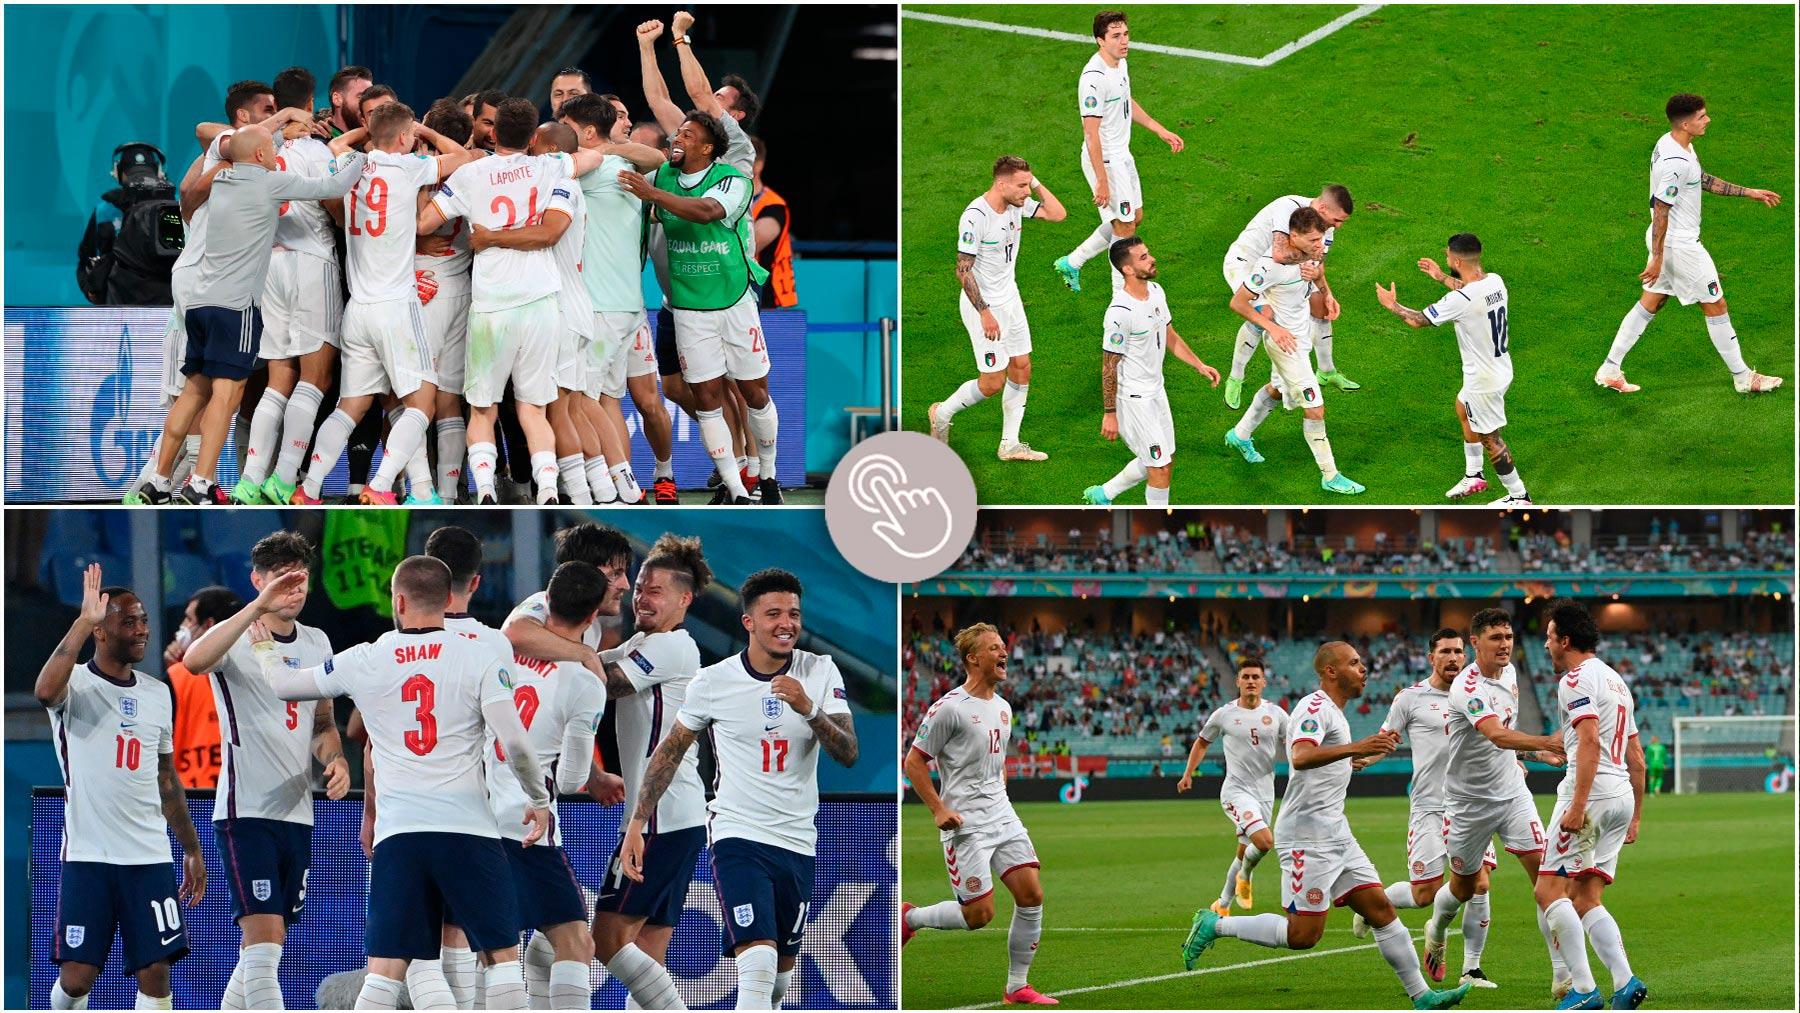 Encuesta: ¿Qué selecciones pasarán a la final de la Eurocopa 2020?